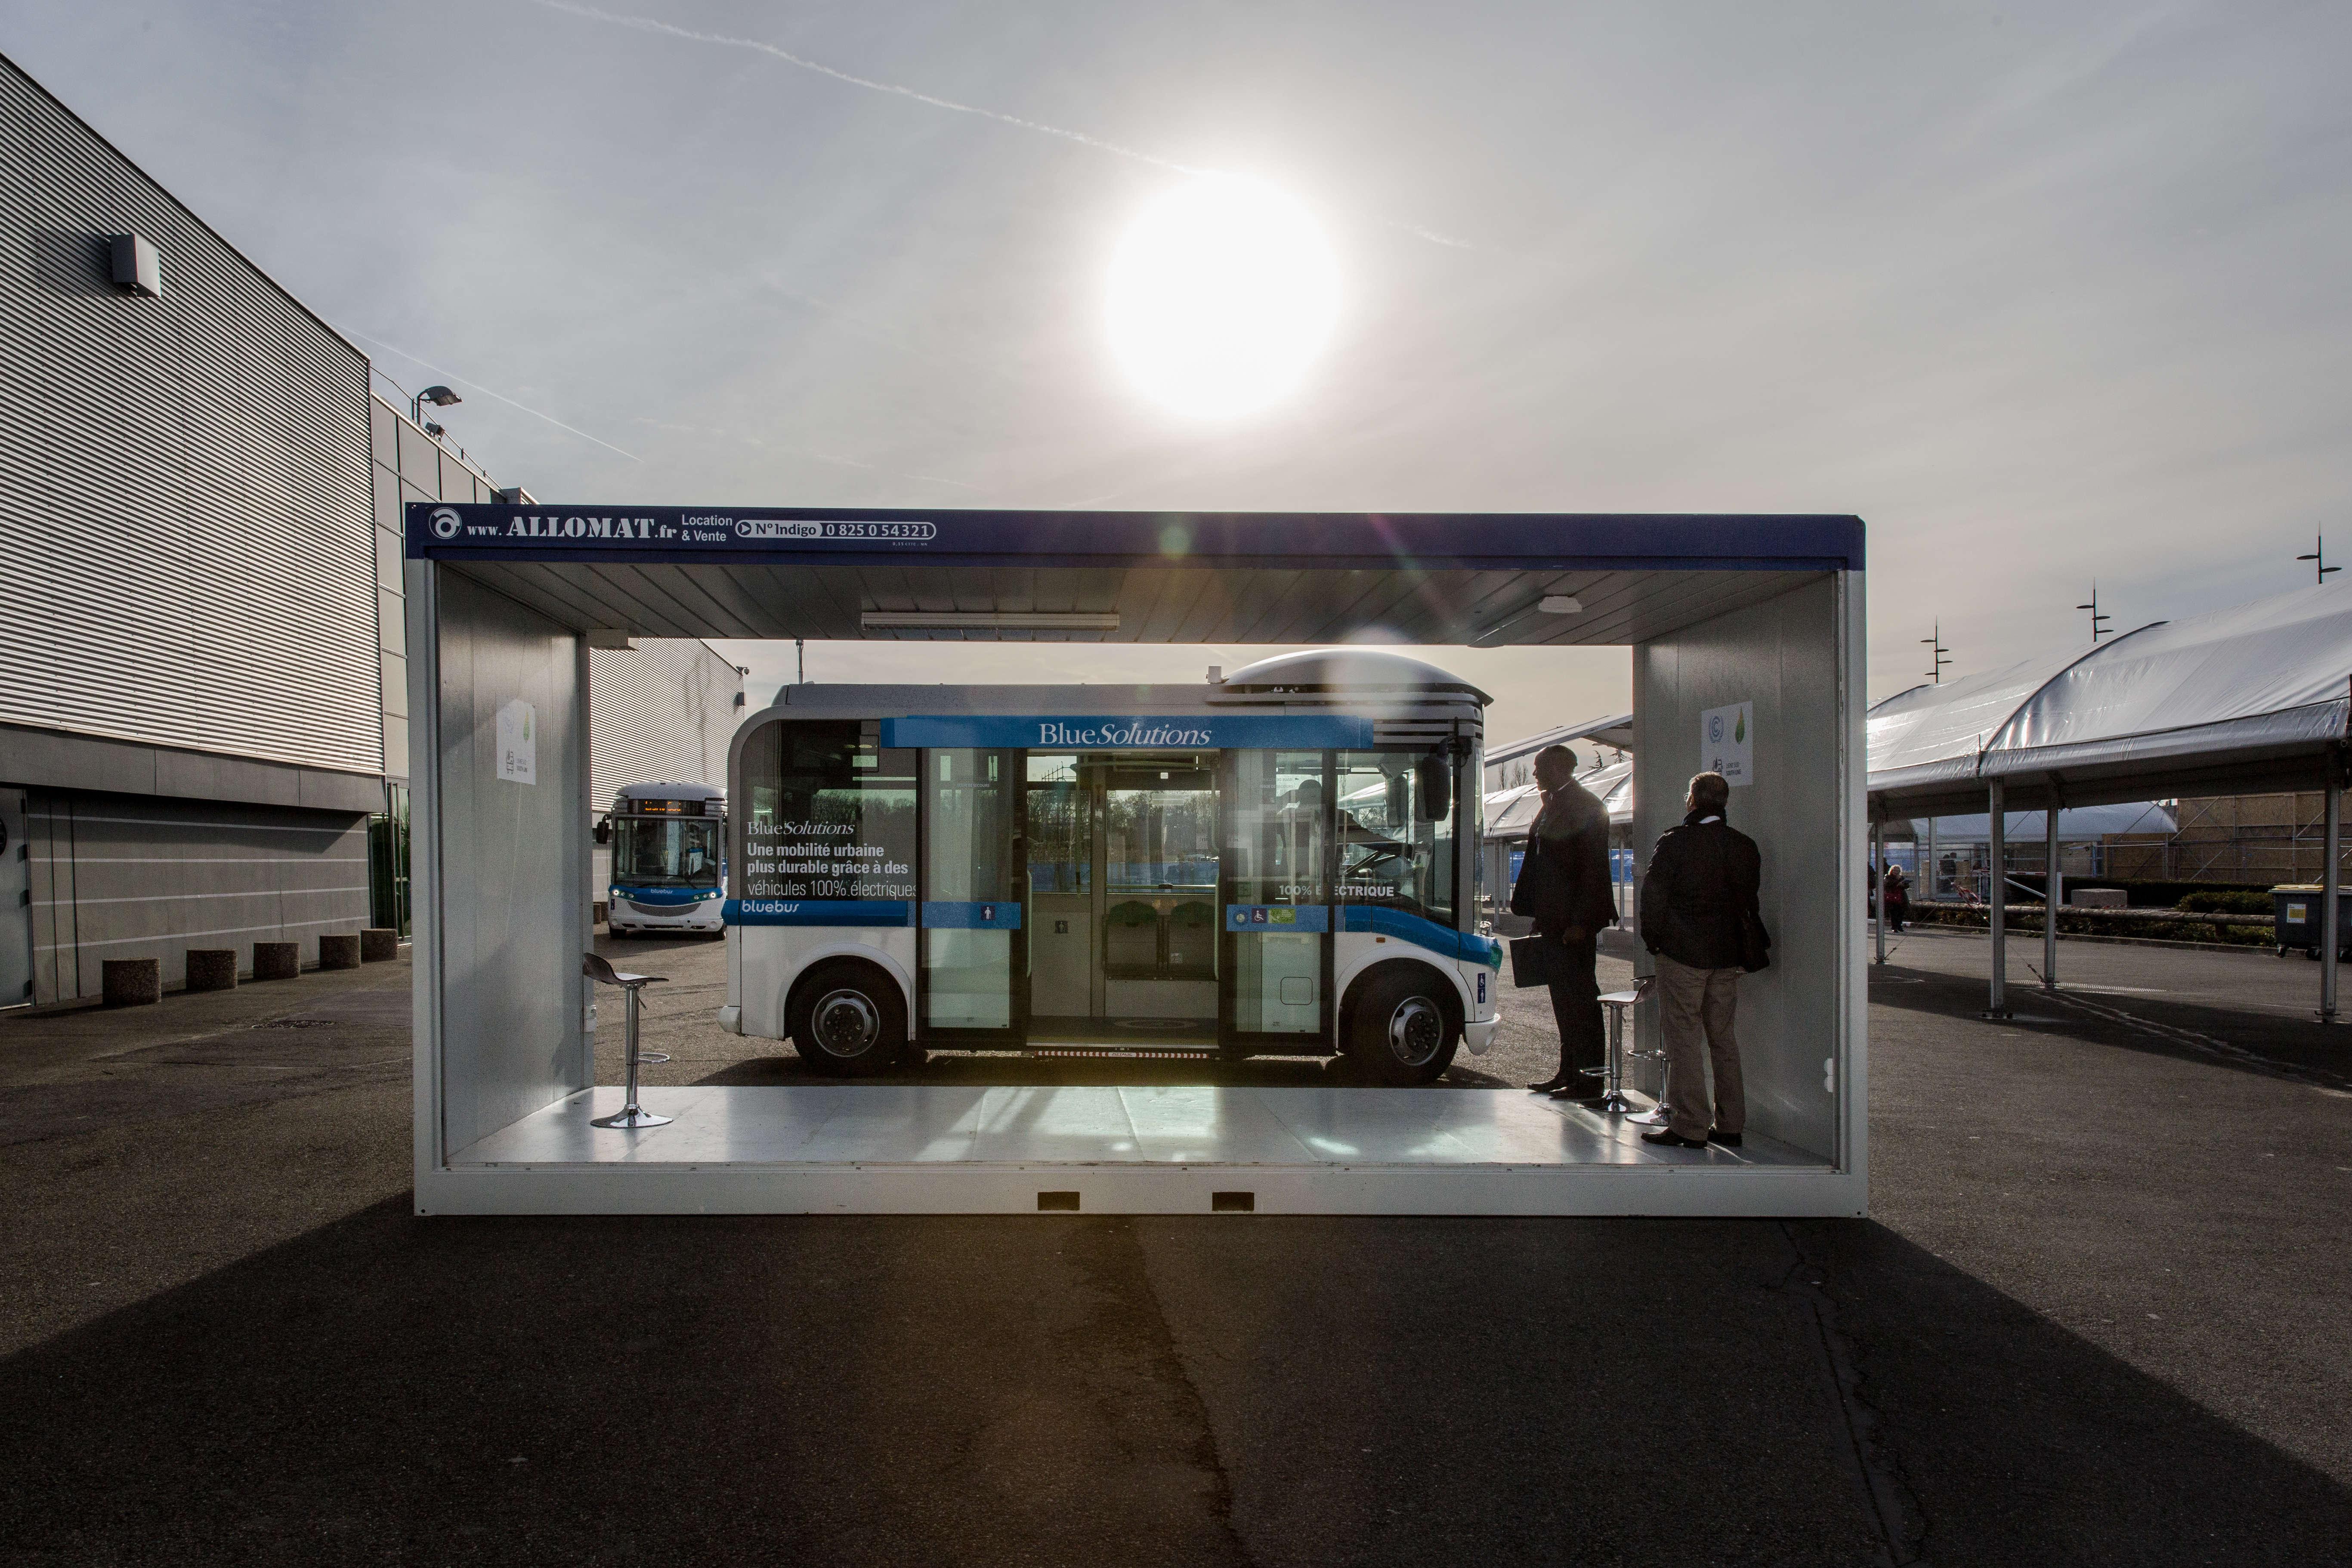 Samedi 5 décembre, c'est la Journée de l'action (Action Day) au Bourget. Le Secretaire des Nations-Unies, Ban Ki-moon et le président François Hollande sont attendus pour la clôture. Des navettes de bus électriques pour les déplacements sur le site de la COP 21.